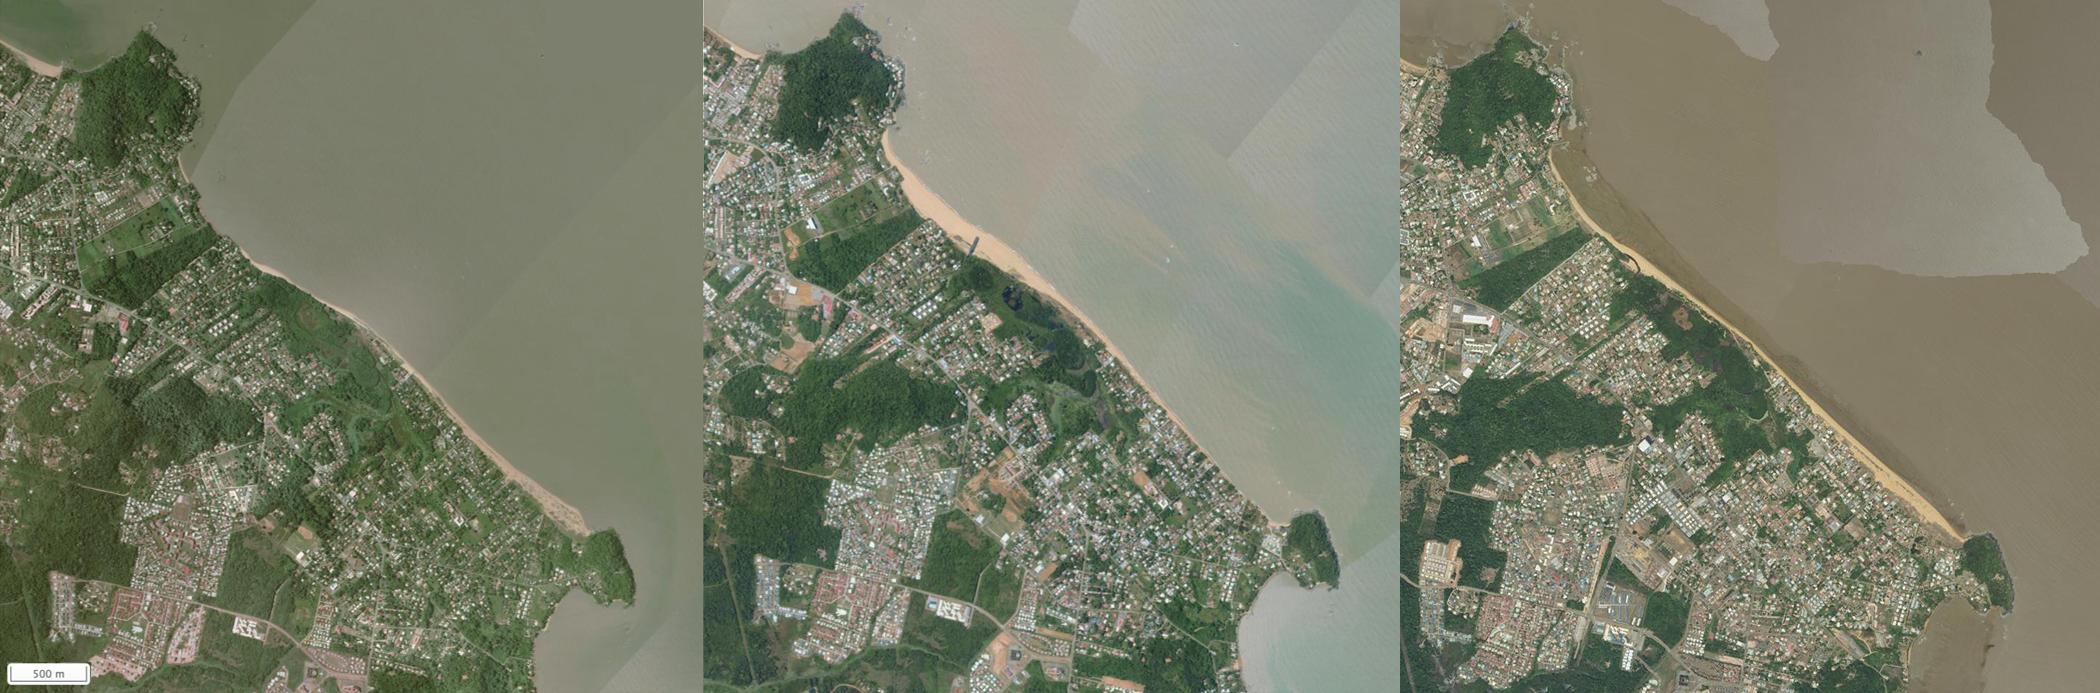 rotation du sable sur une plage en guyane vue aérienne